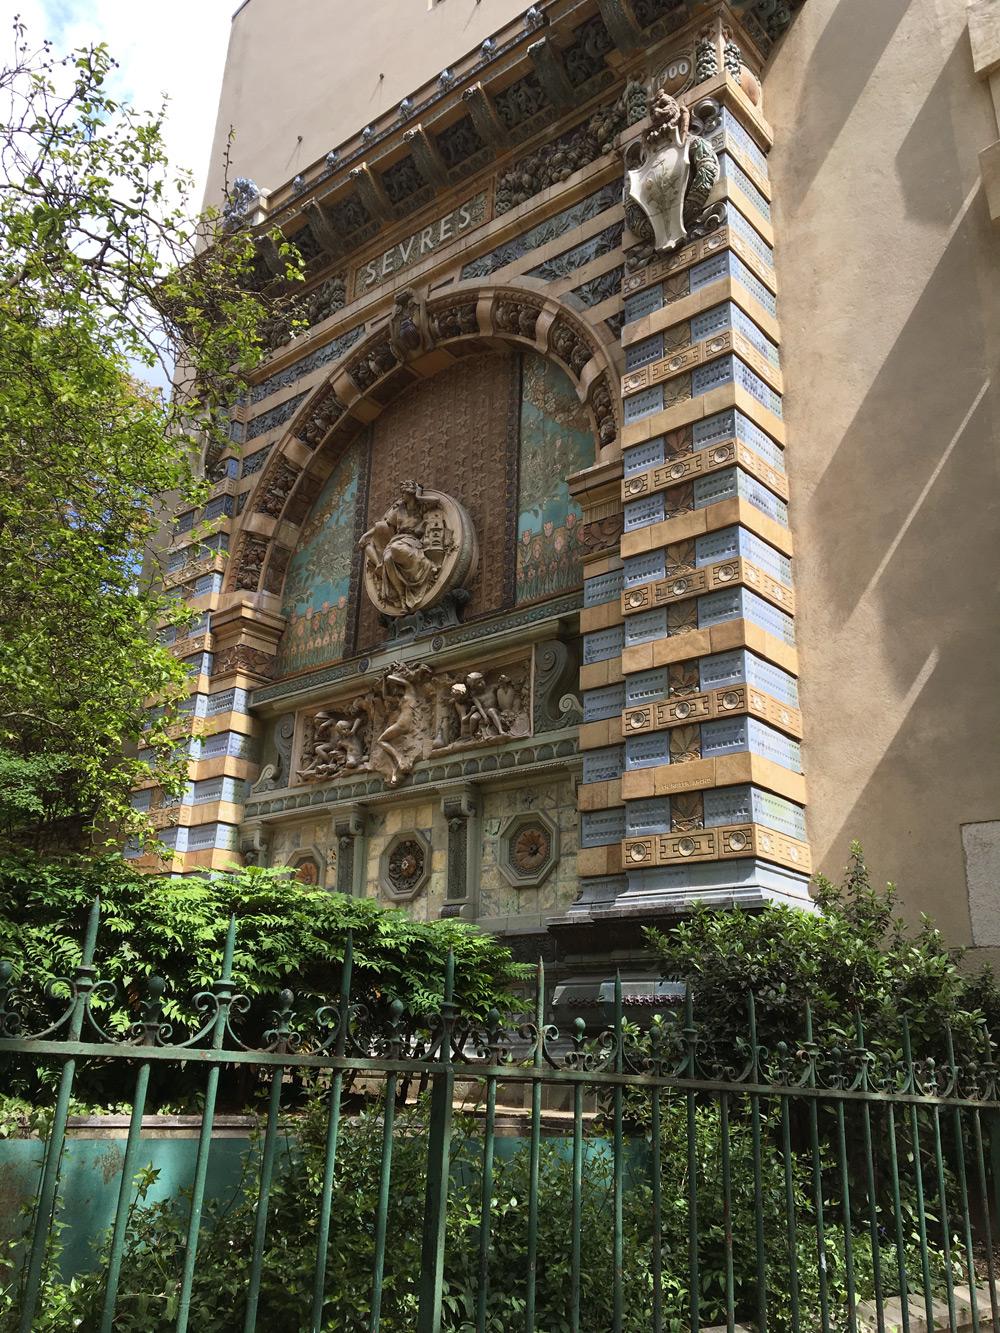 Saint-Germain-de-Près